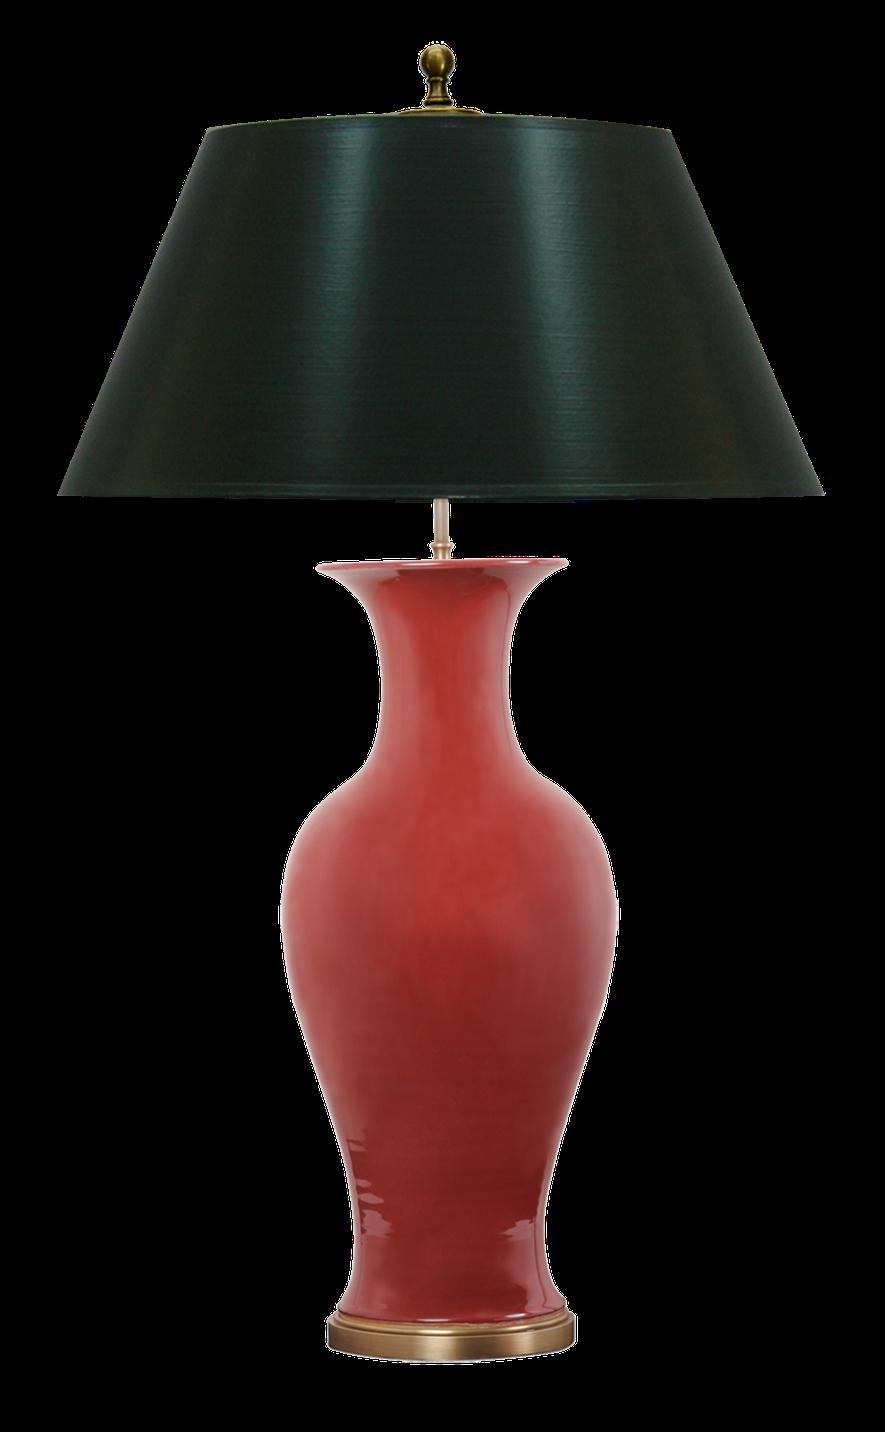 Lampen und Schirme MH